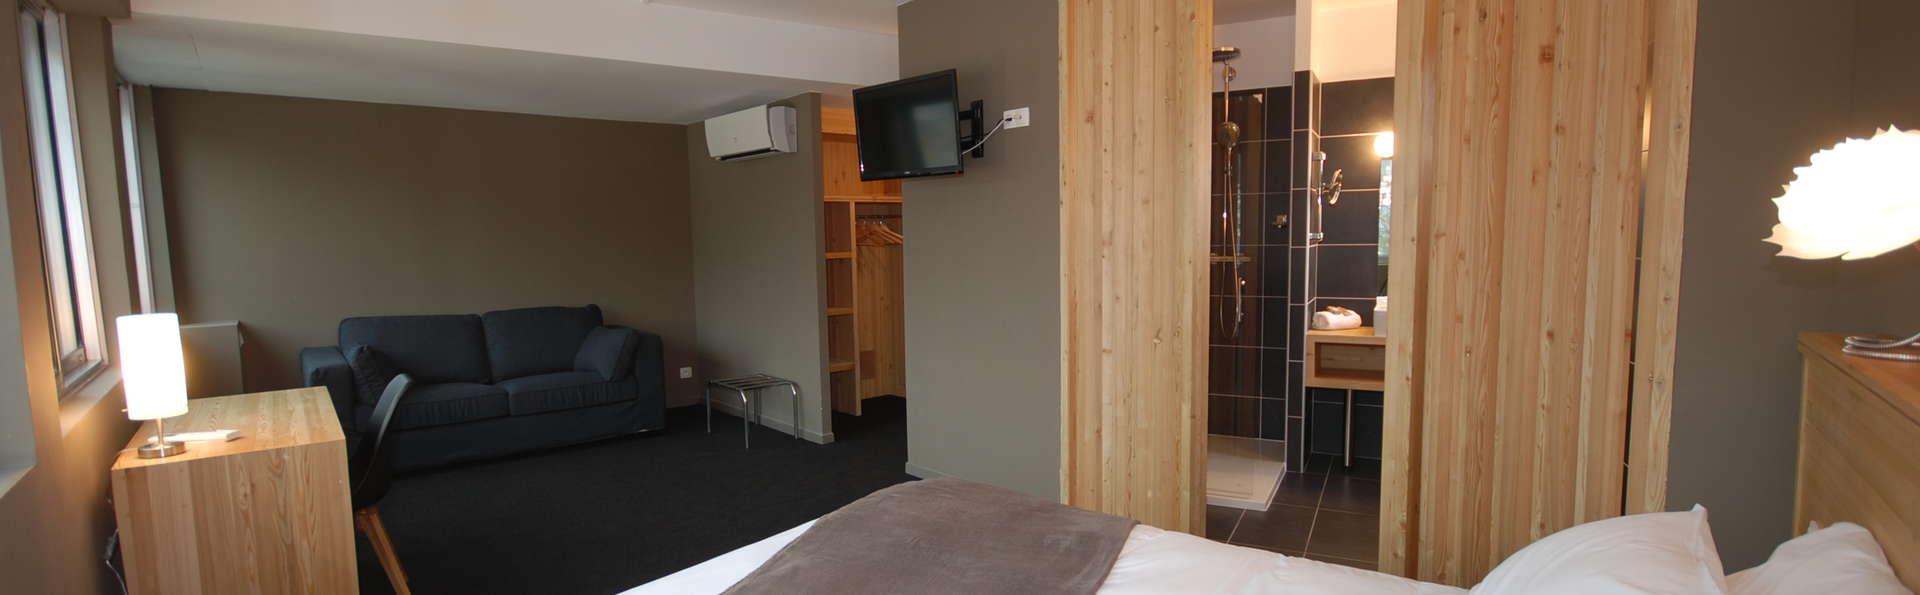 Mon Hôtel à Gap - DSC_0190.JPG